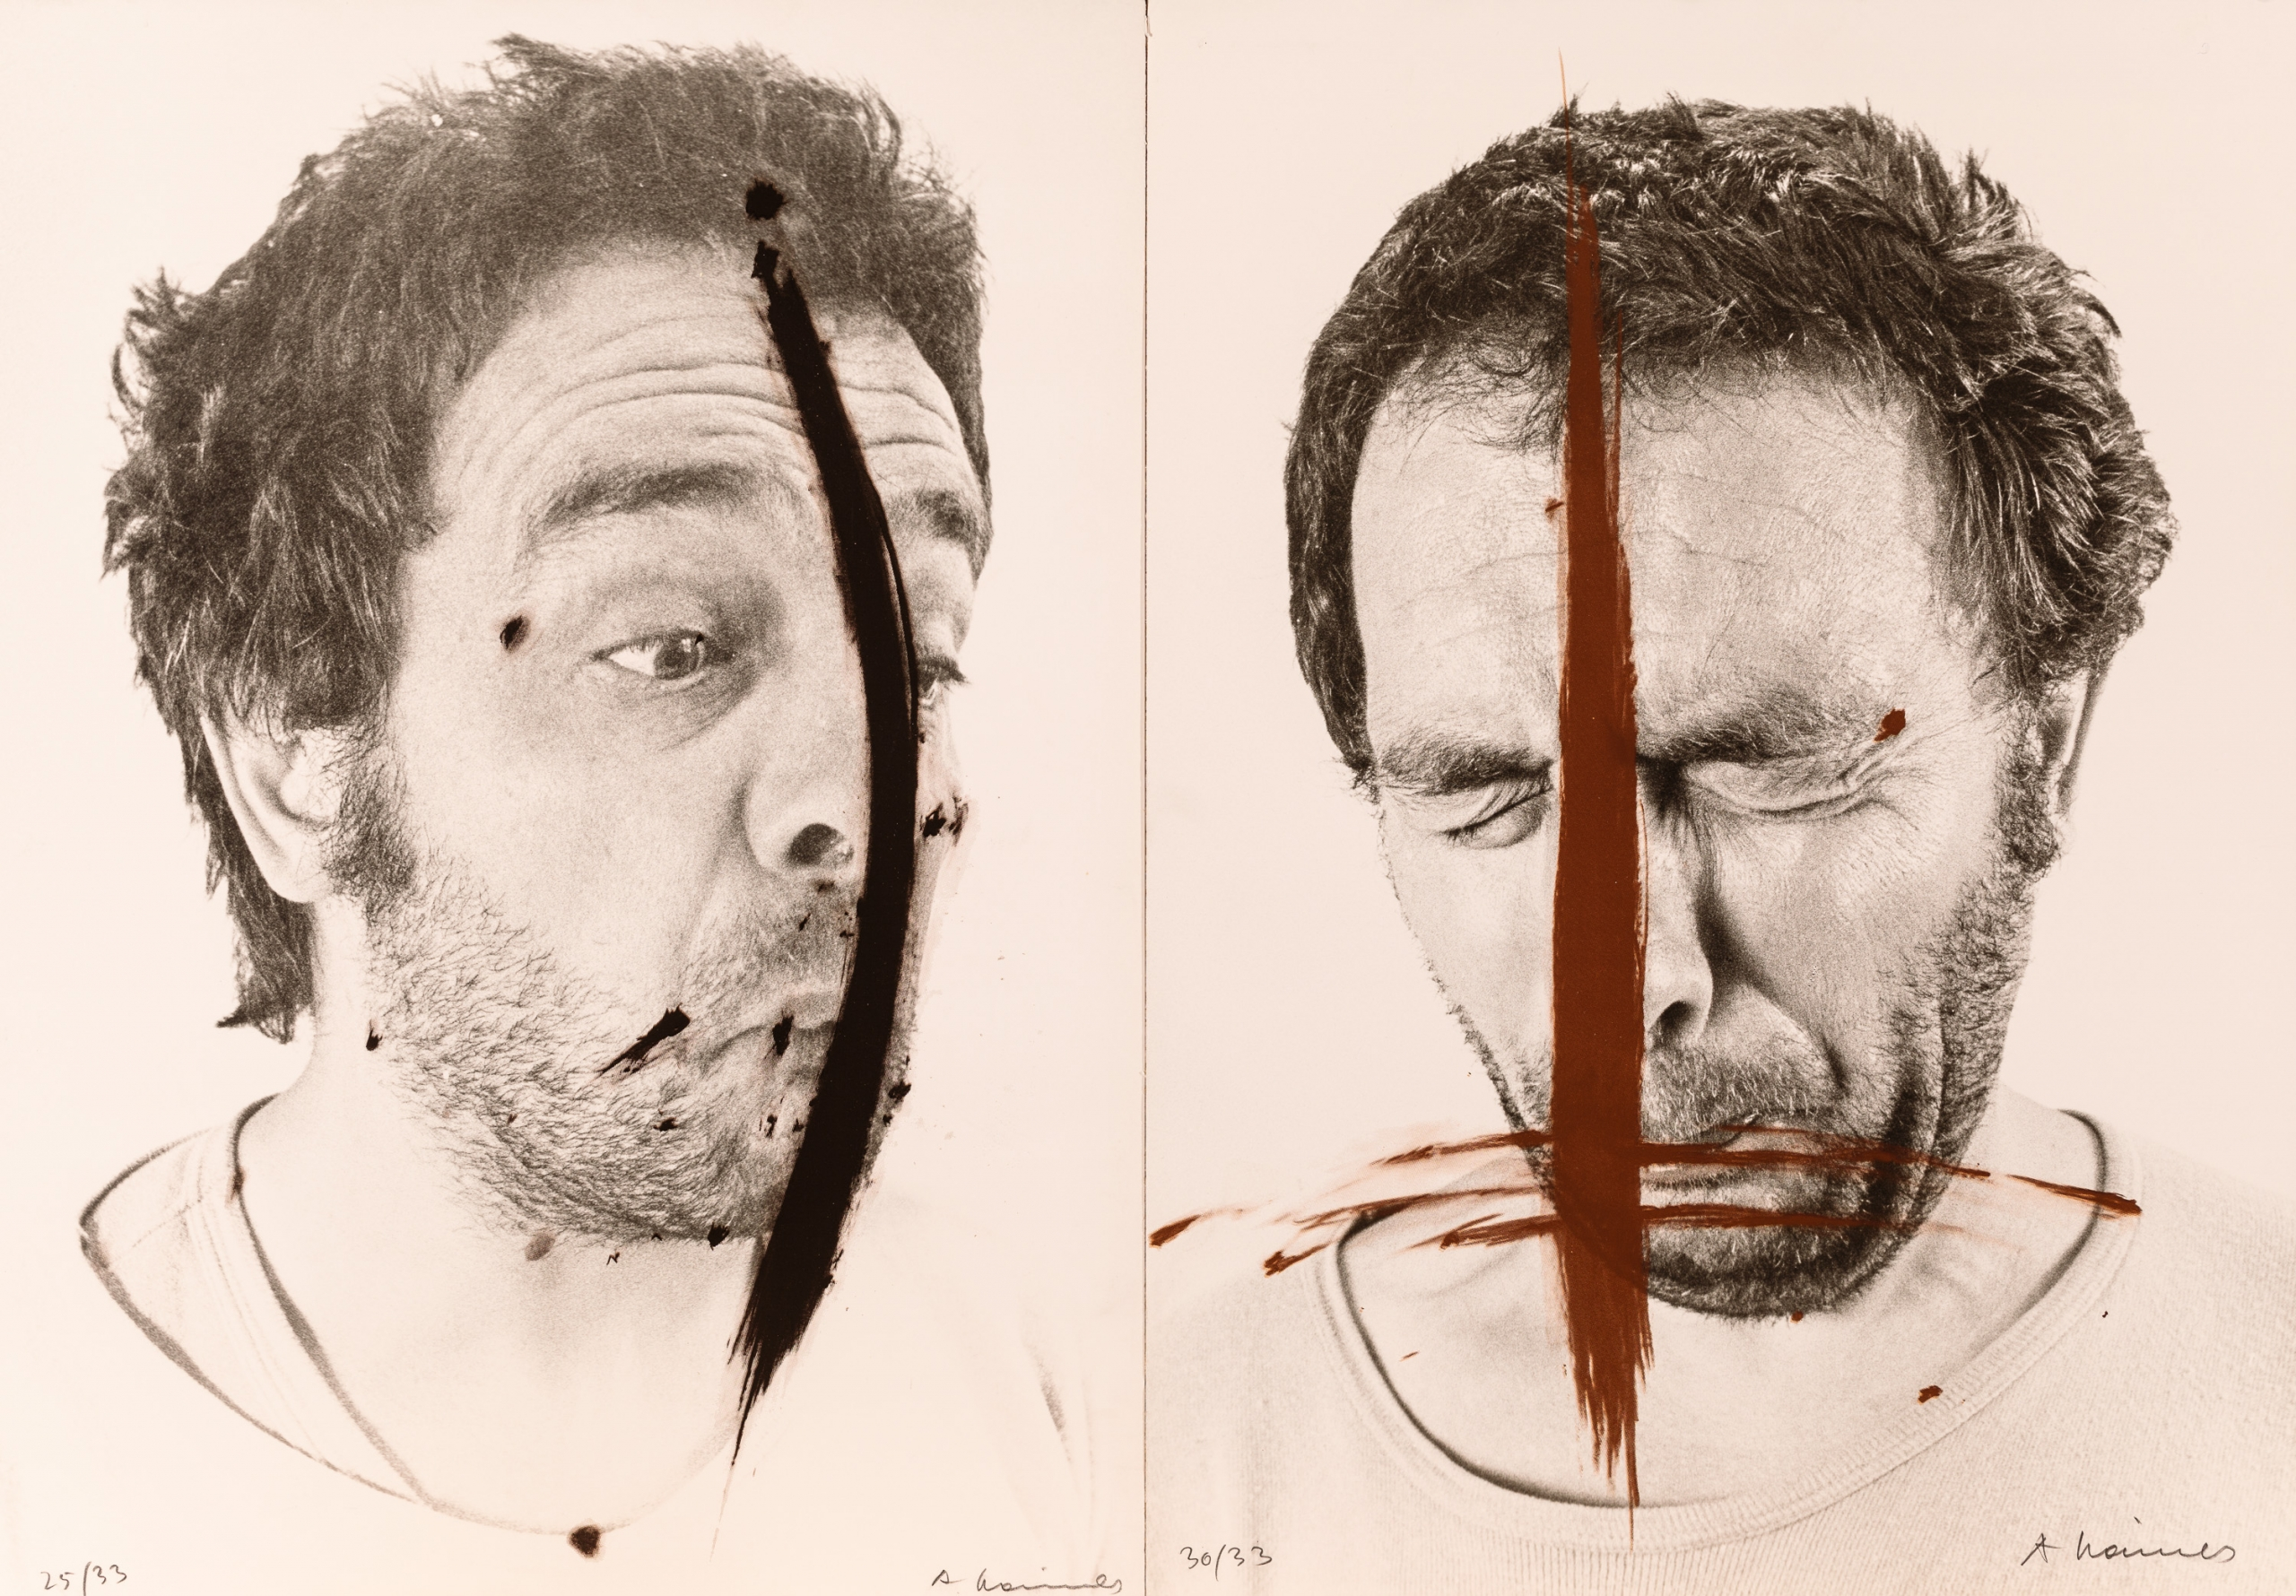 Arnulf Rainer, Selbstporträt (2 Werke / 2 works)